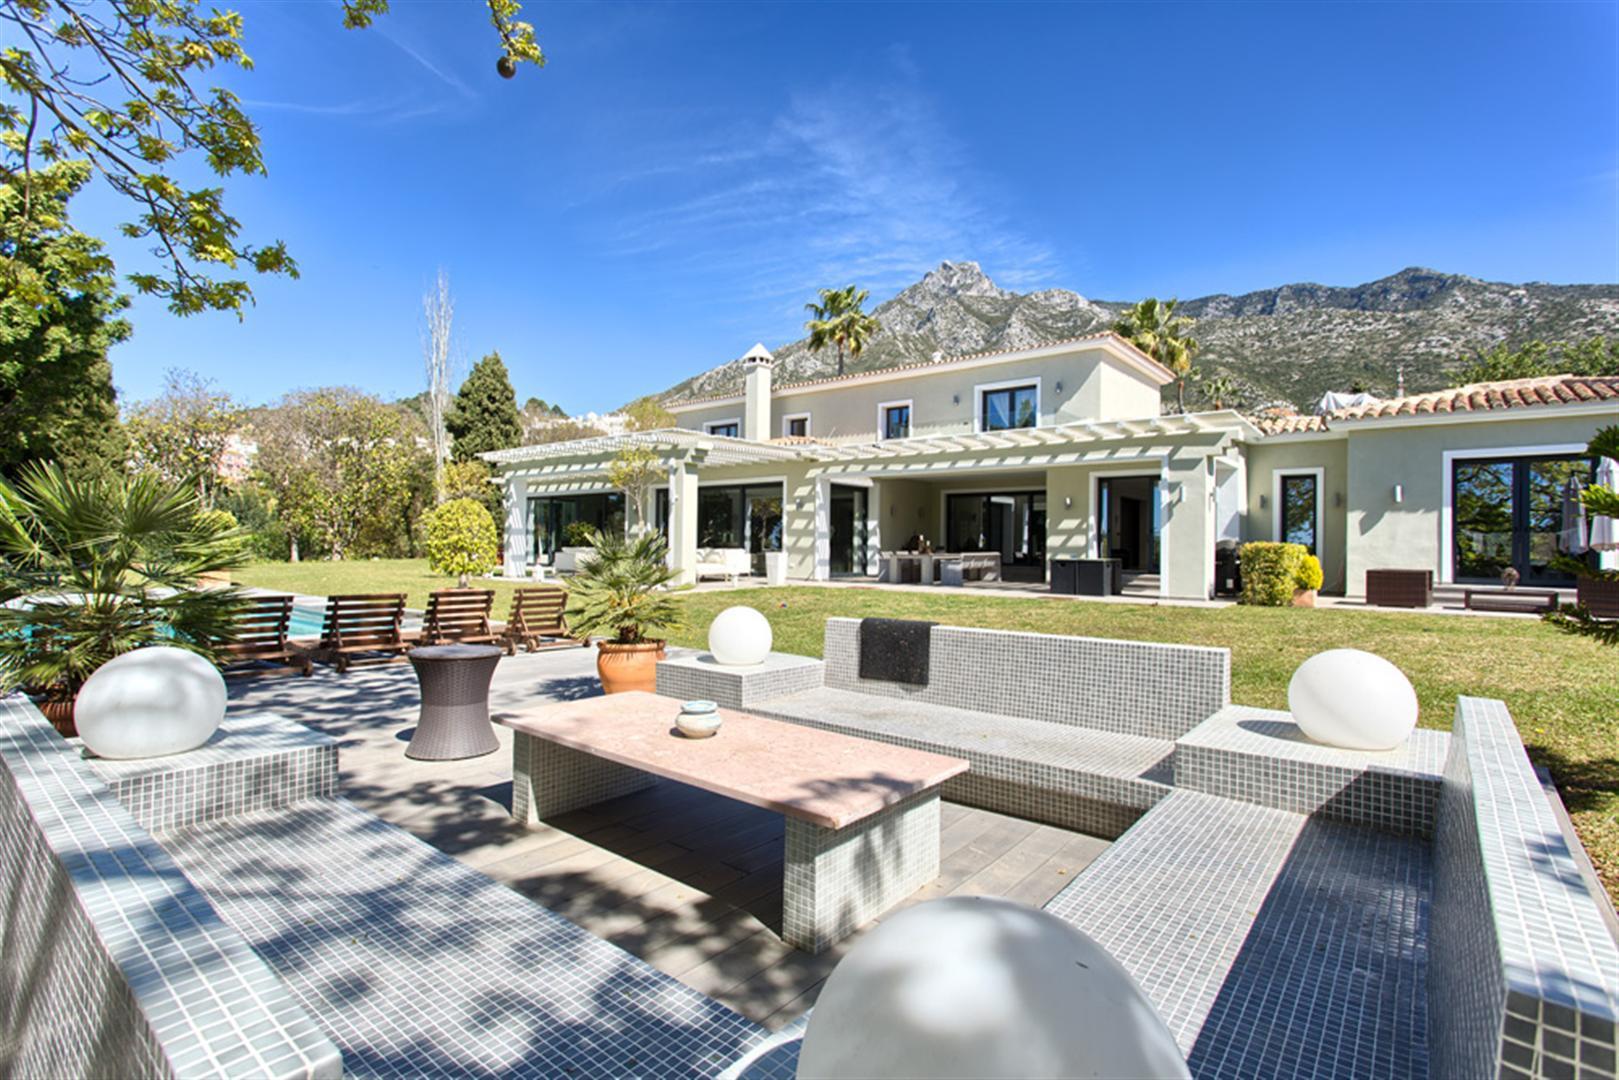 ARFV1902 - Luxusvilla zum Verkauf in bester Lage der Goldenen Meile im Marbella Hill Club